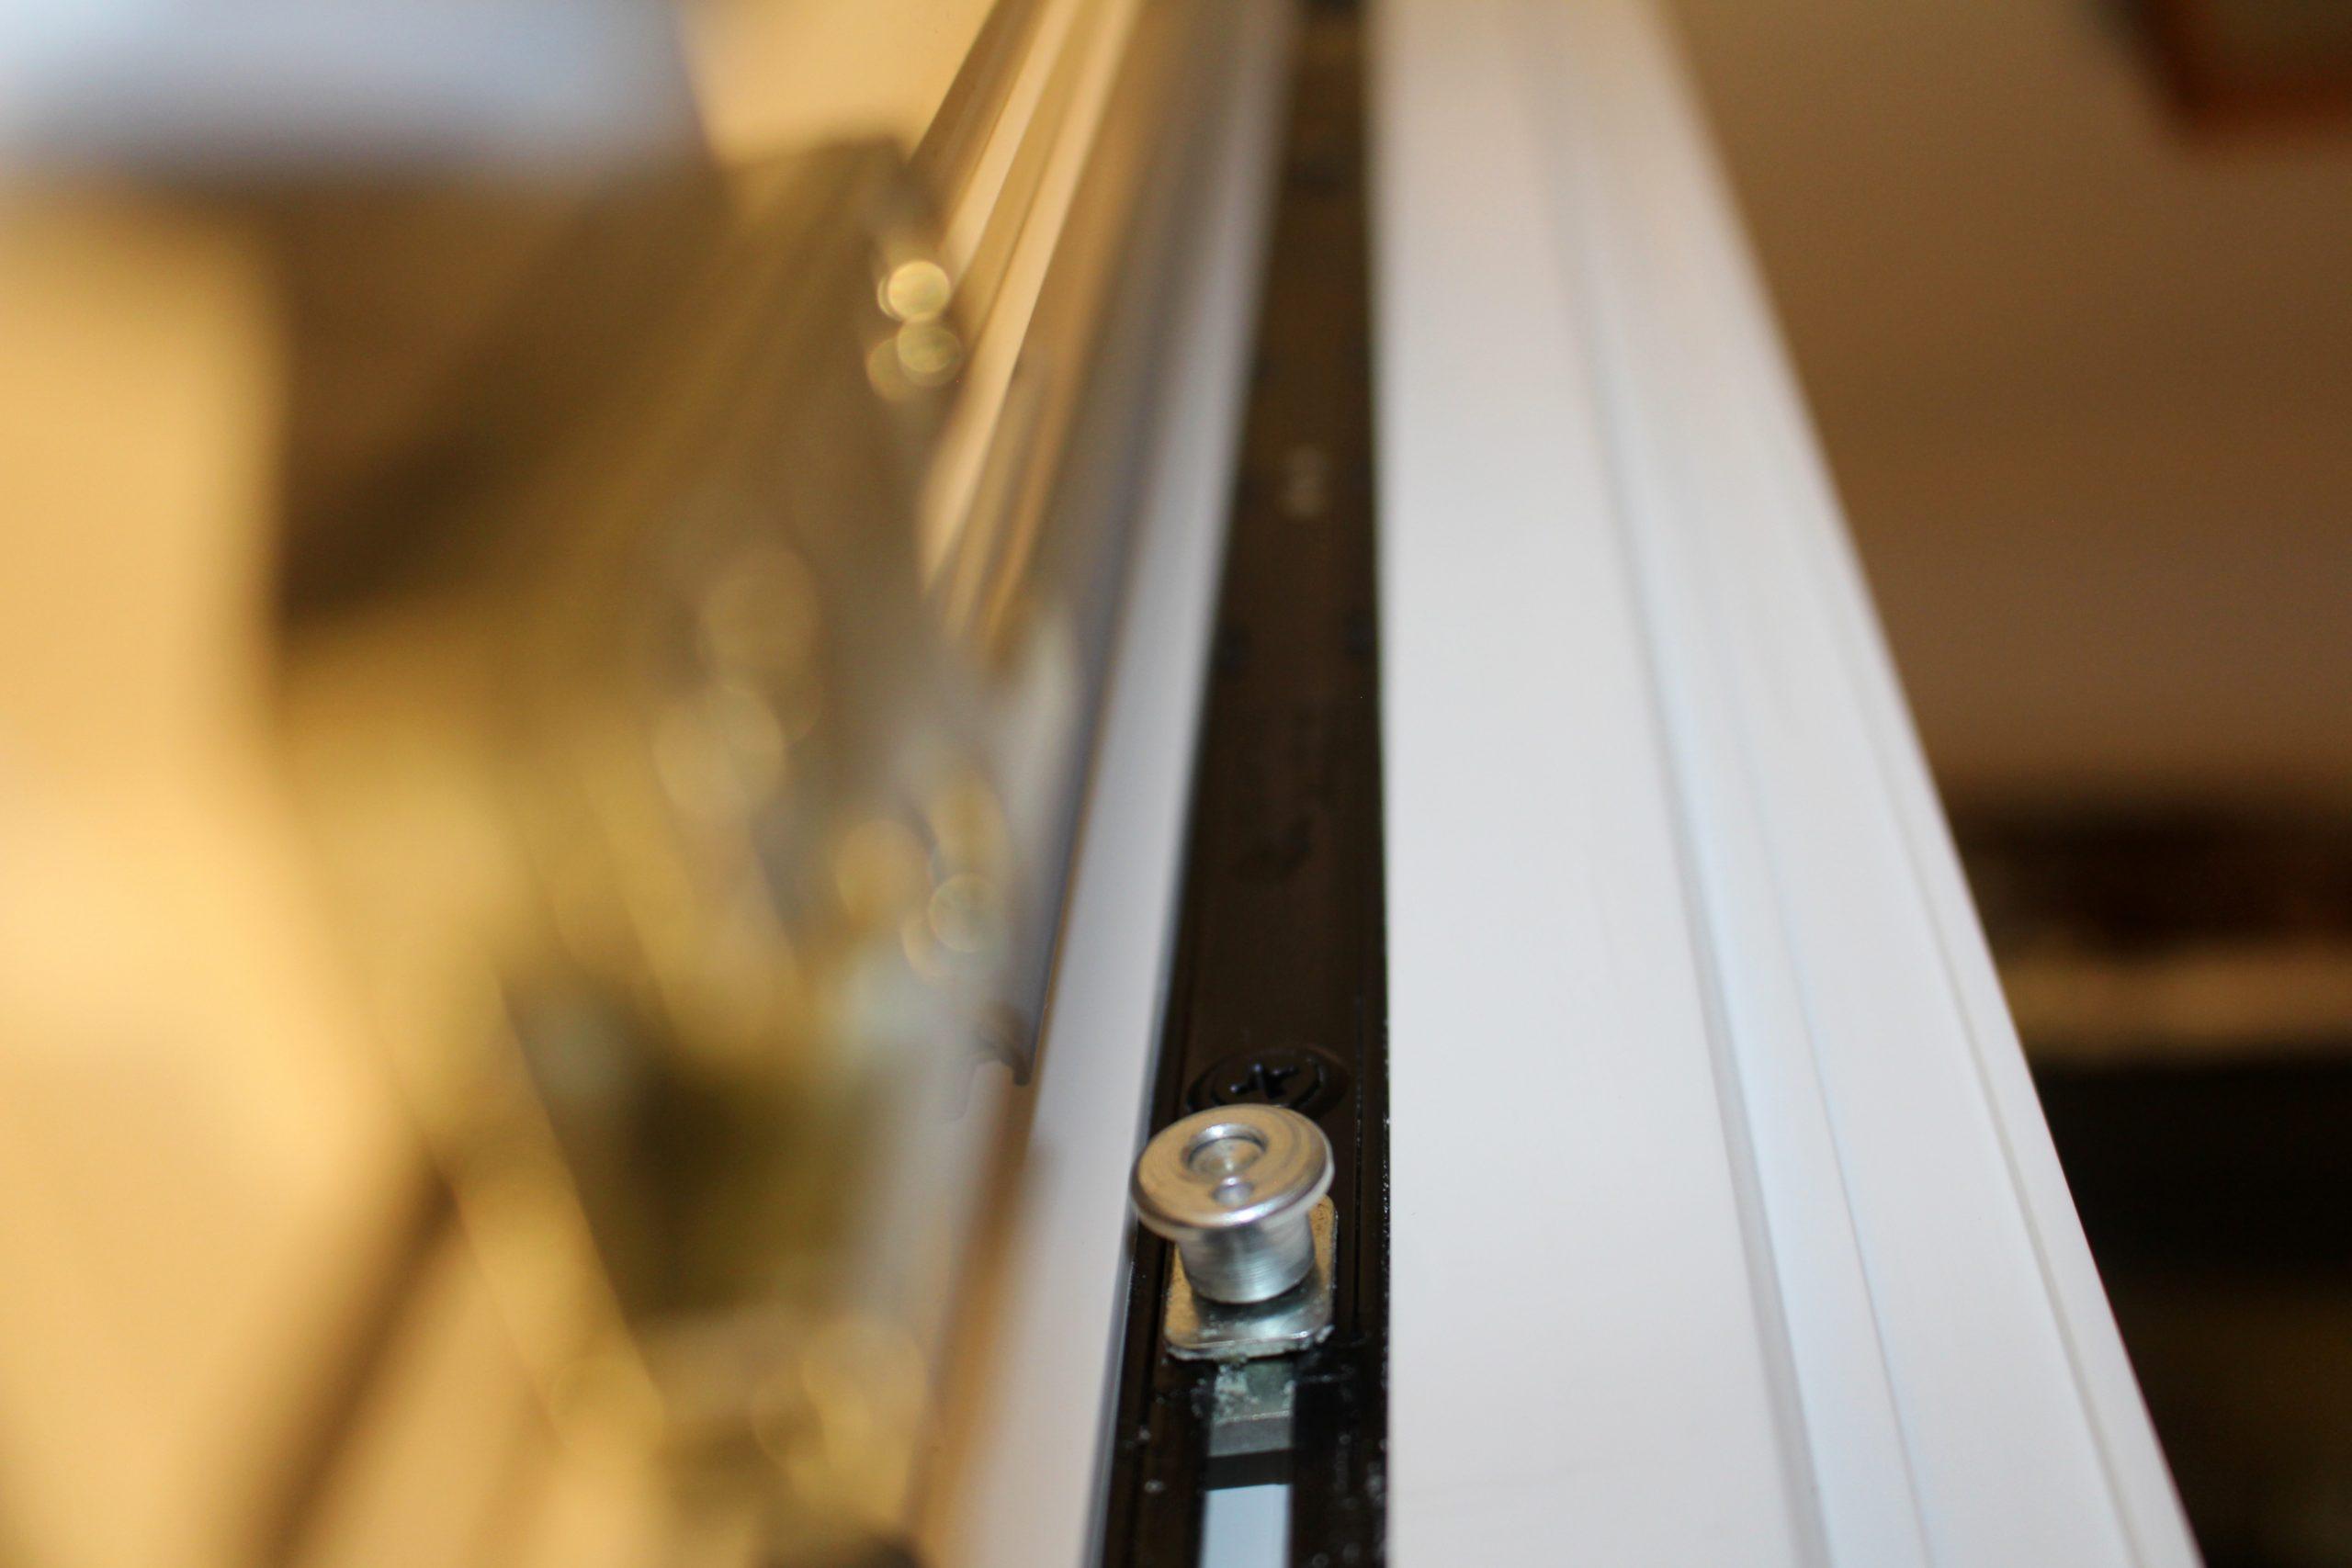 Full Size of Schutz Vor Einbrechern So Knnen Sie Fenster Und Tren Ganz Standardmaße Einbruchschutzfolie Bauhaus Pvc Velux Rollo Einbruchschutz Nachrüsten Austauschen Fenster Einbruchschutz Fenster Nachrüsten